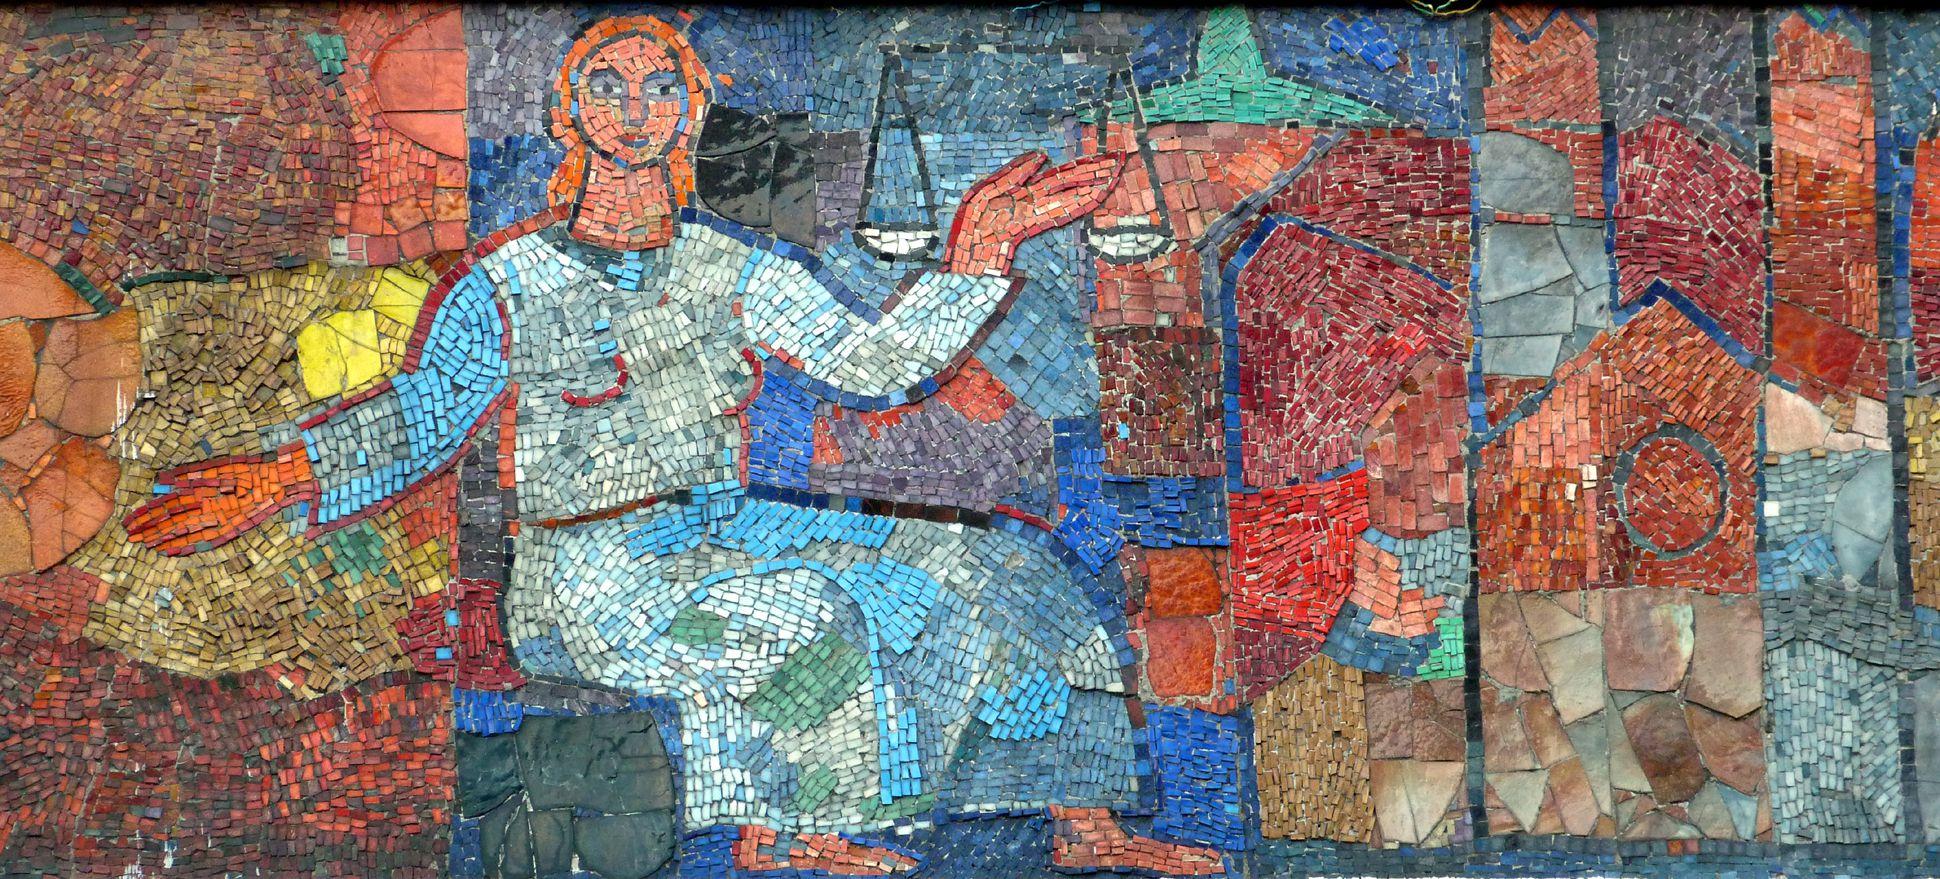 """Mosaik am Hauptmarkt in Nürnberg Die """"Noris"""" mit Waage und Nürnberger Bauten"""